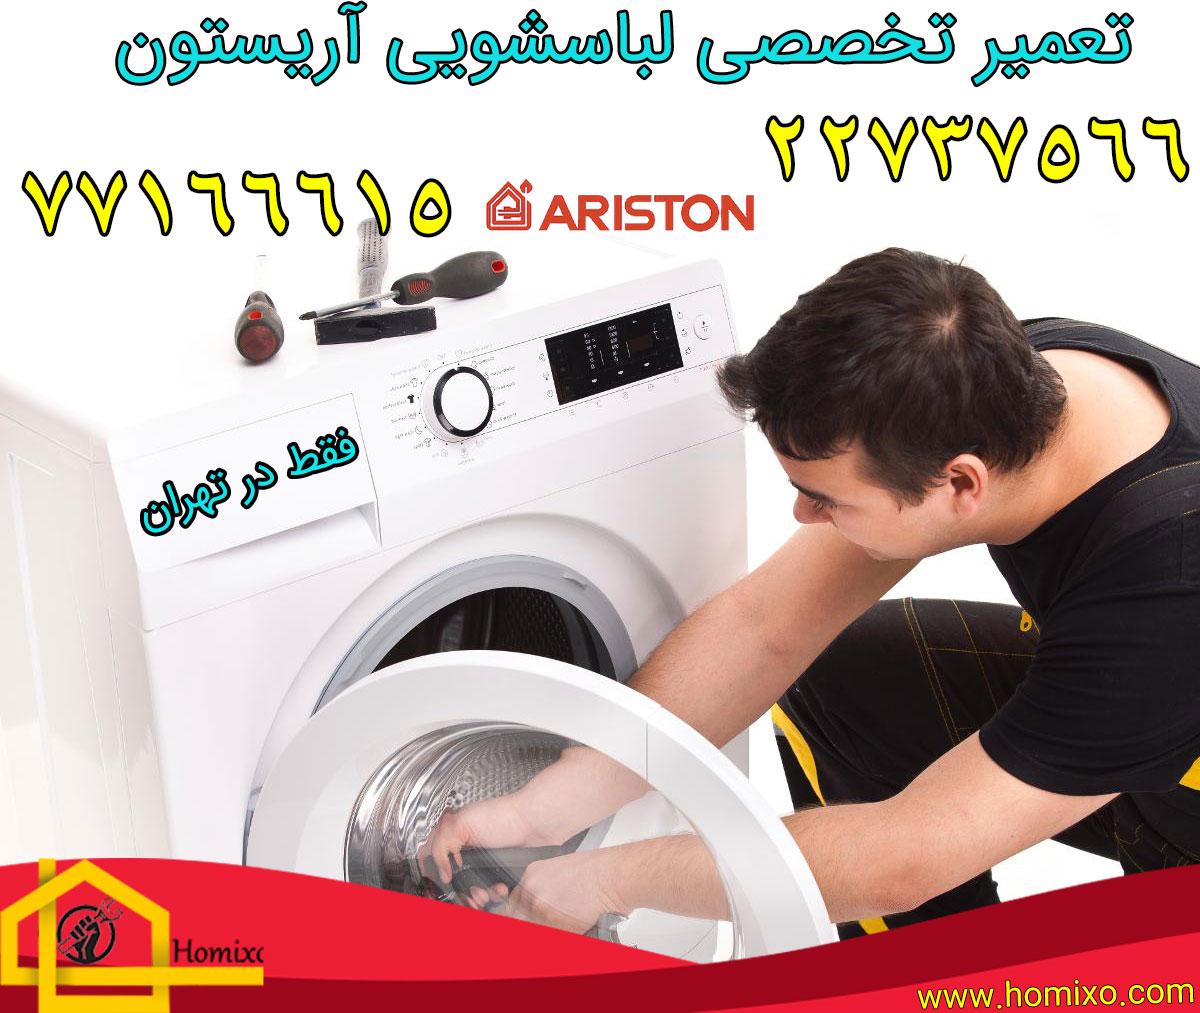 تعمیر لباسشویی آریستونتعمیر لباسشویی آریستون